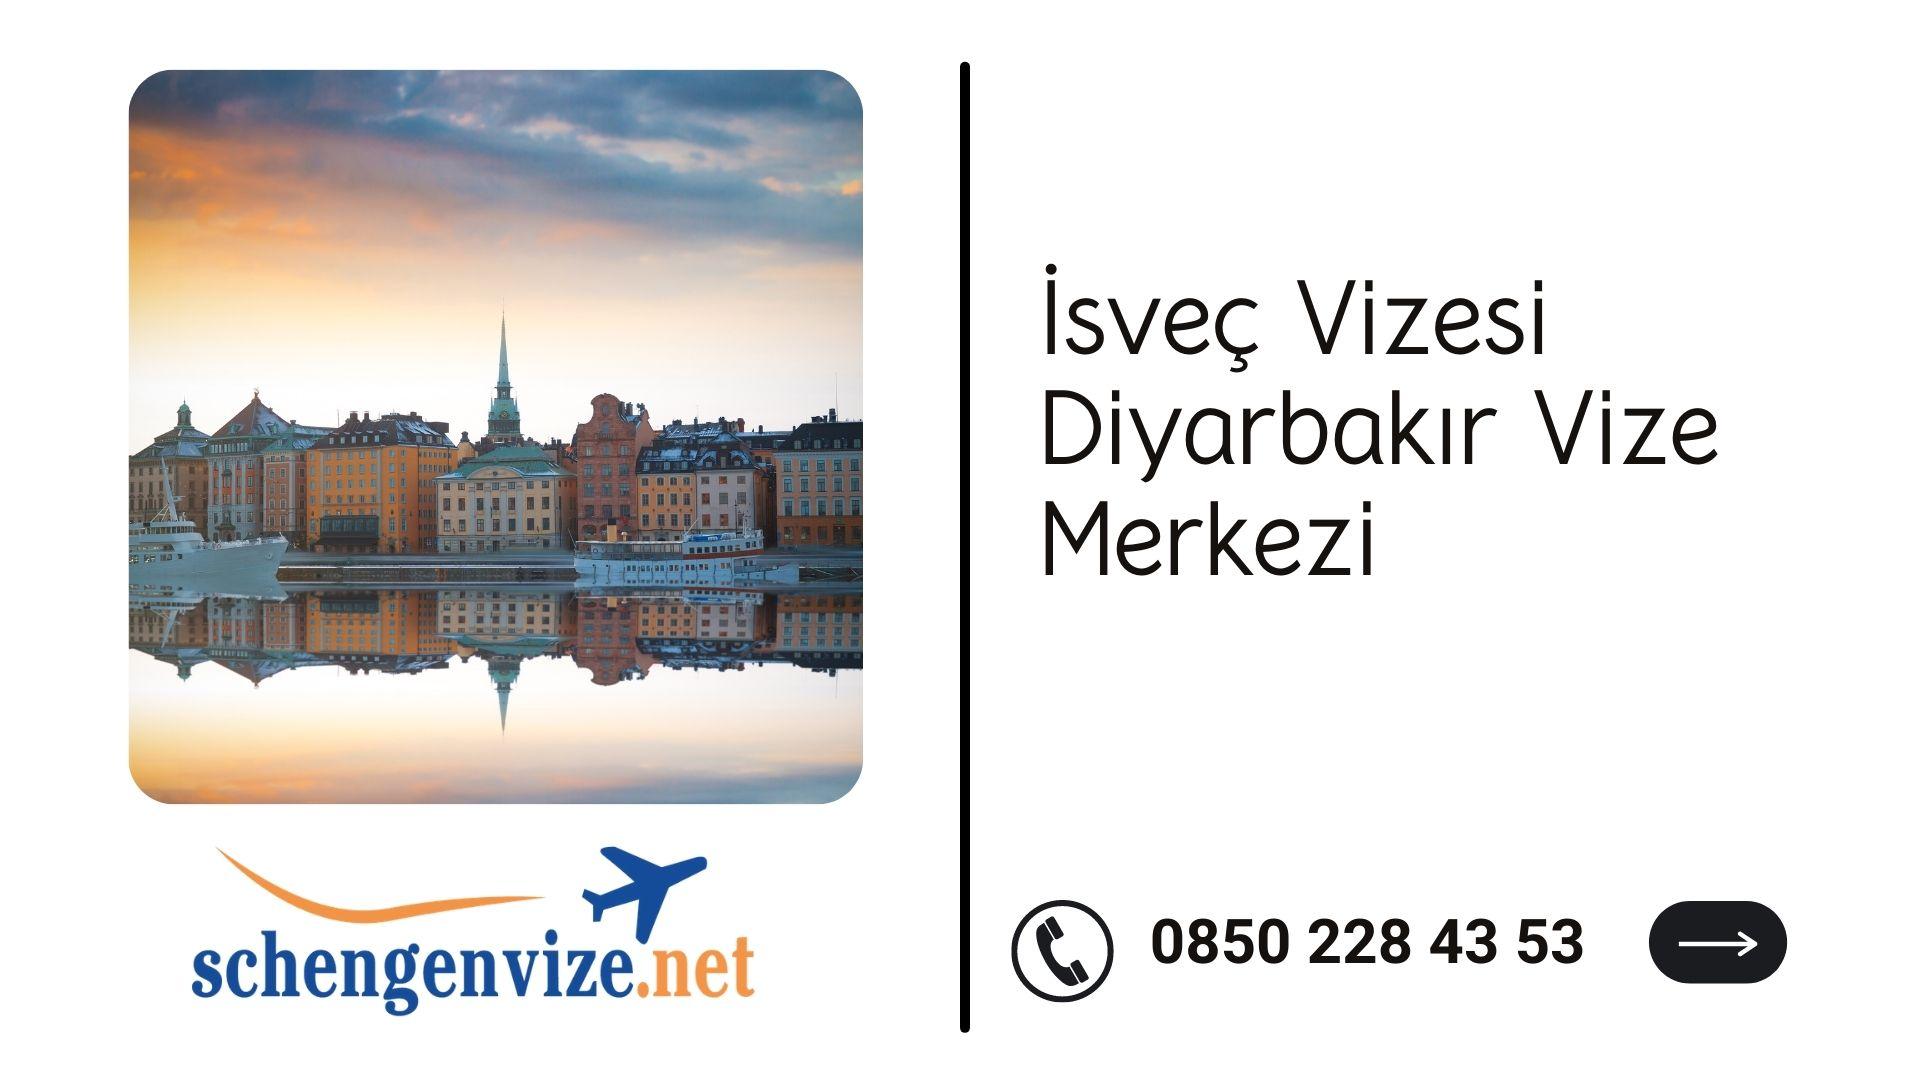 İsveç Vizesi Diyarbakır Vize Merkezi